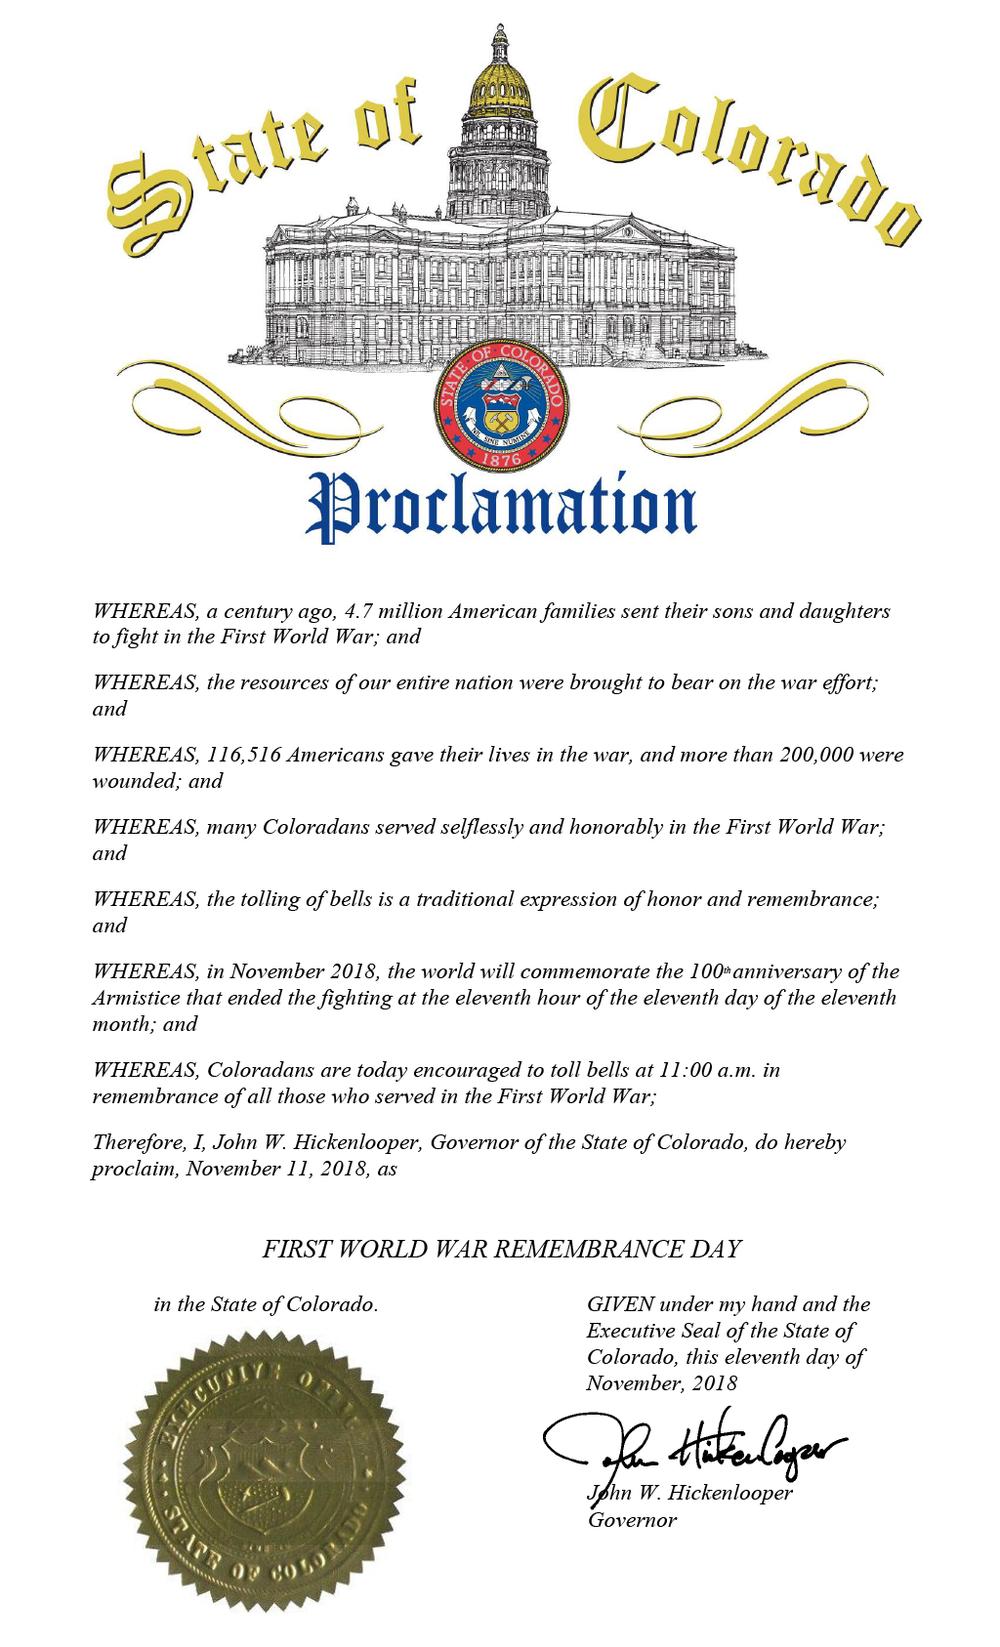 GOV-Proclamation-WWI-Centennial-11-Nov-2018.png